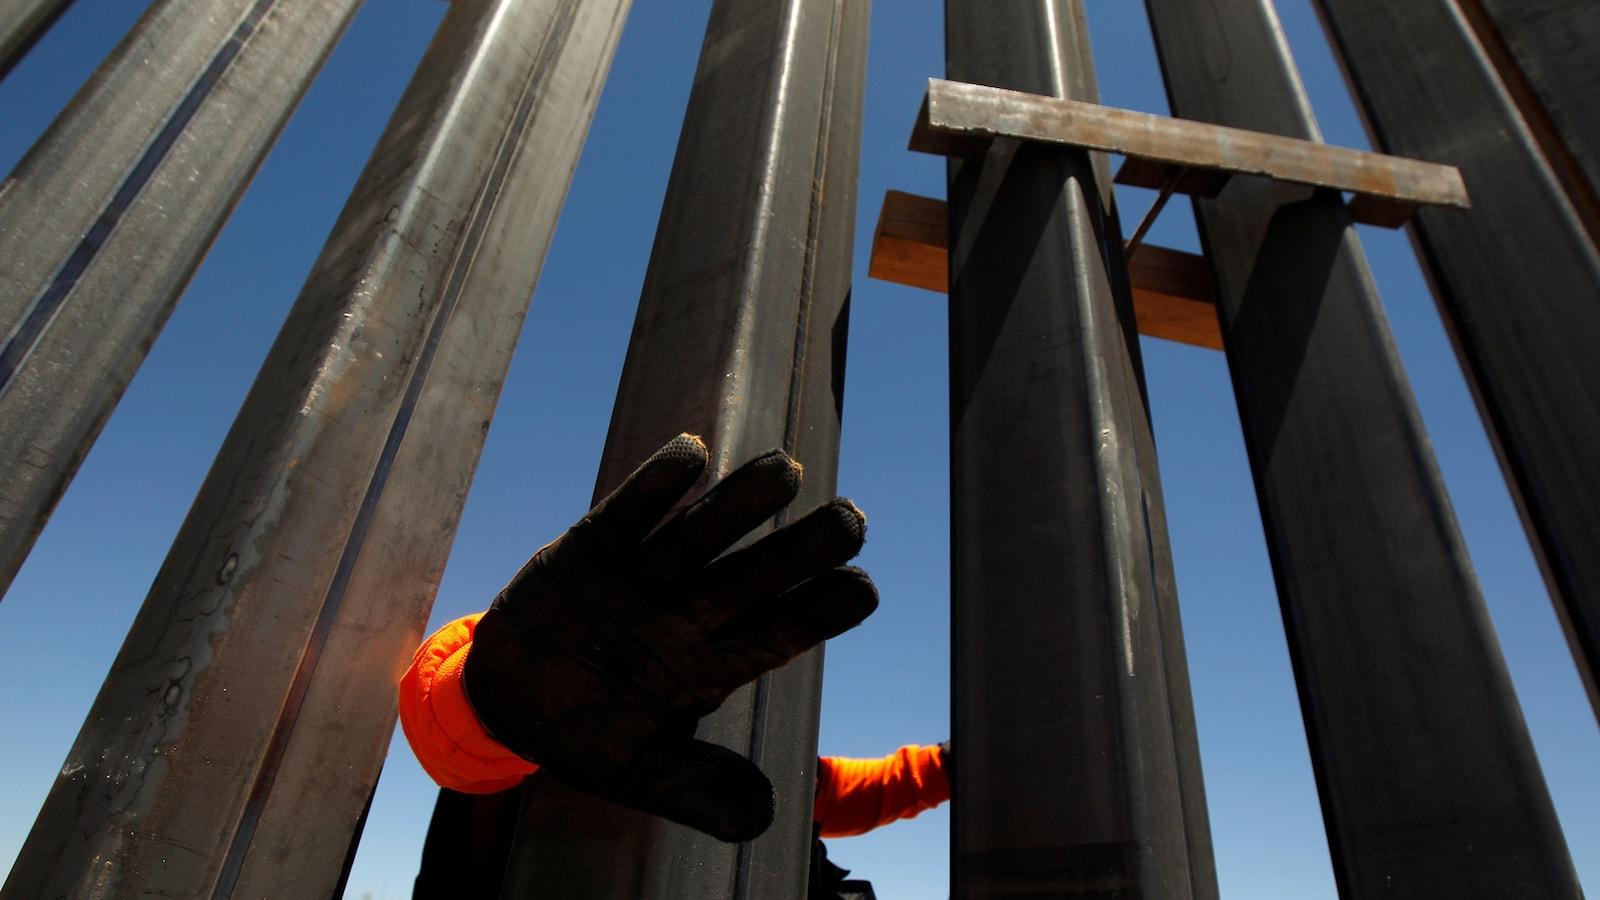 Un agent de sécurité privé bloque la caméra pour éviter d'être photographié sur une nouvelle section du mur de Santa Teresa, au Nouveau-Mexique, du côté mexicain de la frontière à San Jeronimo, à la périphérie de Ciudad Juarez, Mexique le 23 avril 2018